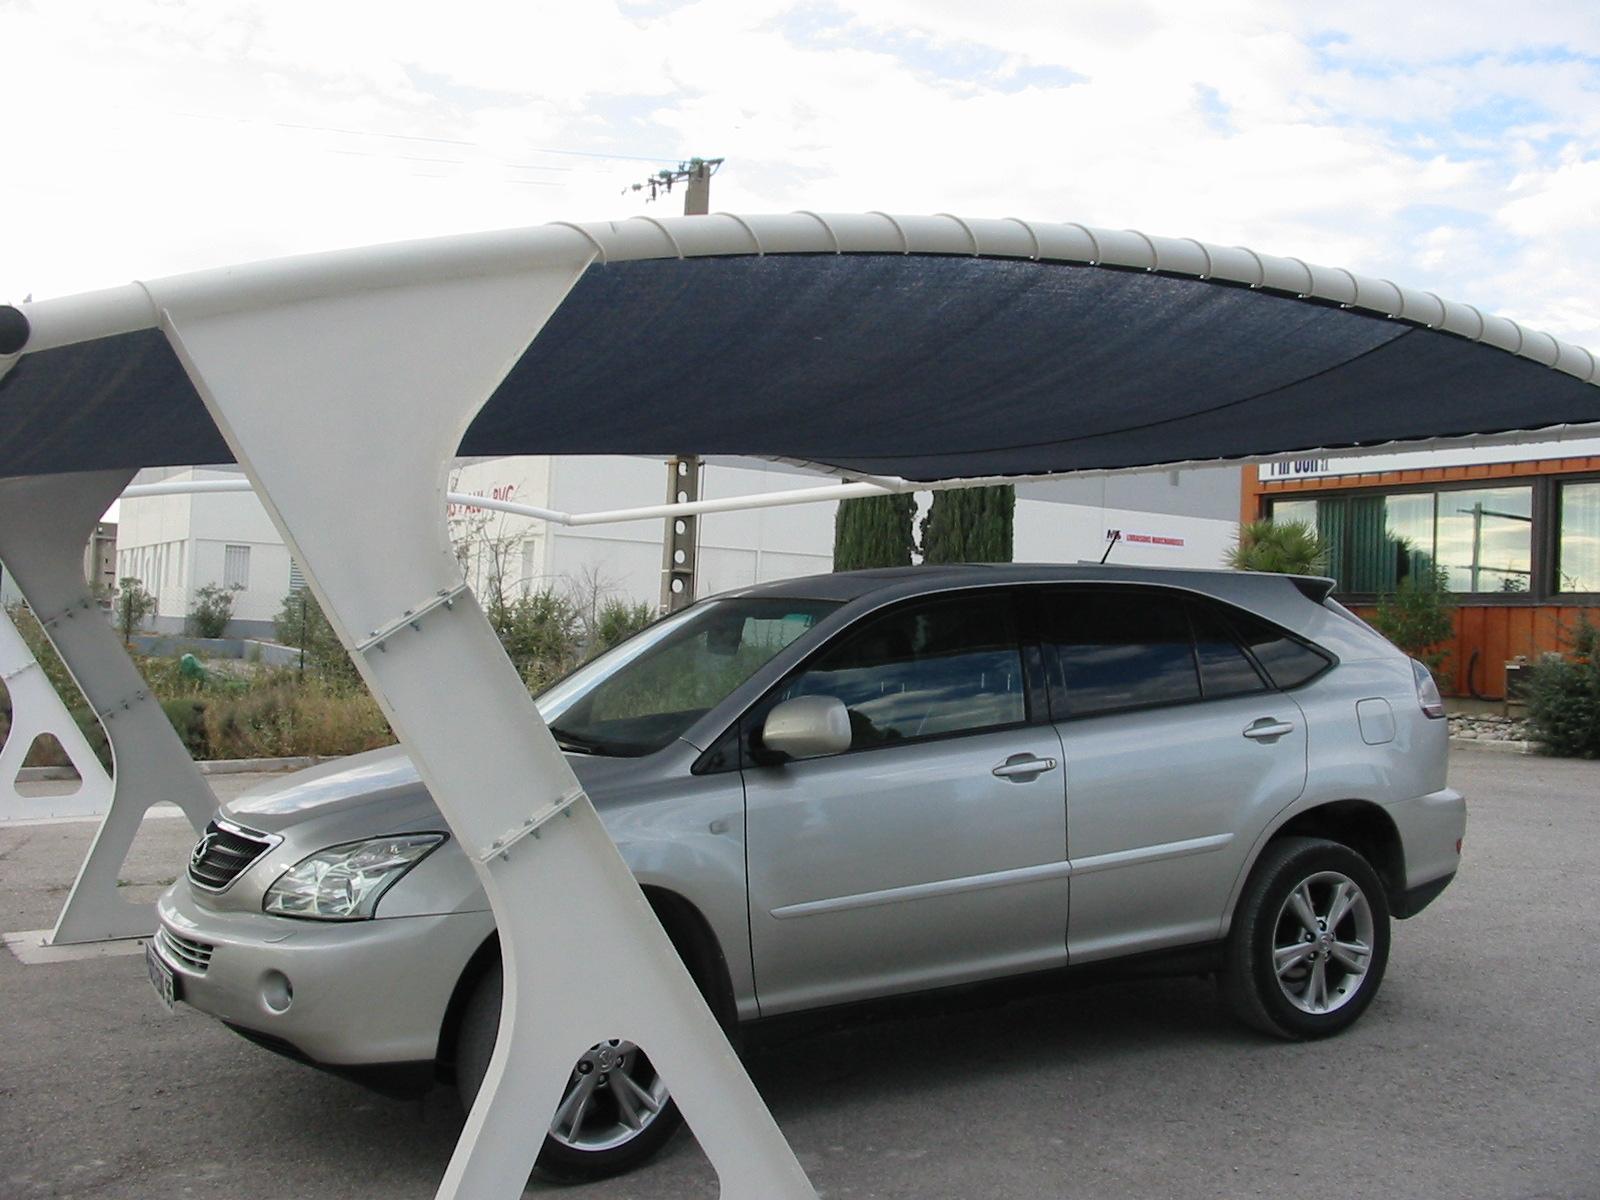 protection ombrage voiture parking filpack protection. Black Bedroom Furniture Sets. Home Design Ideas